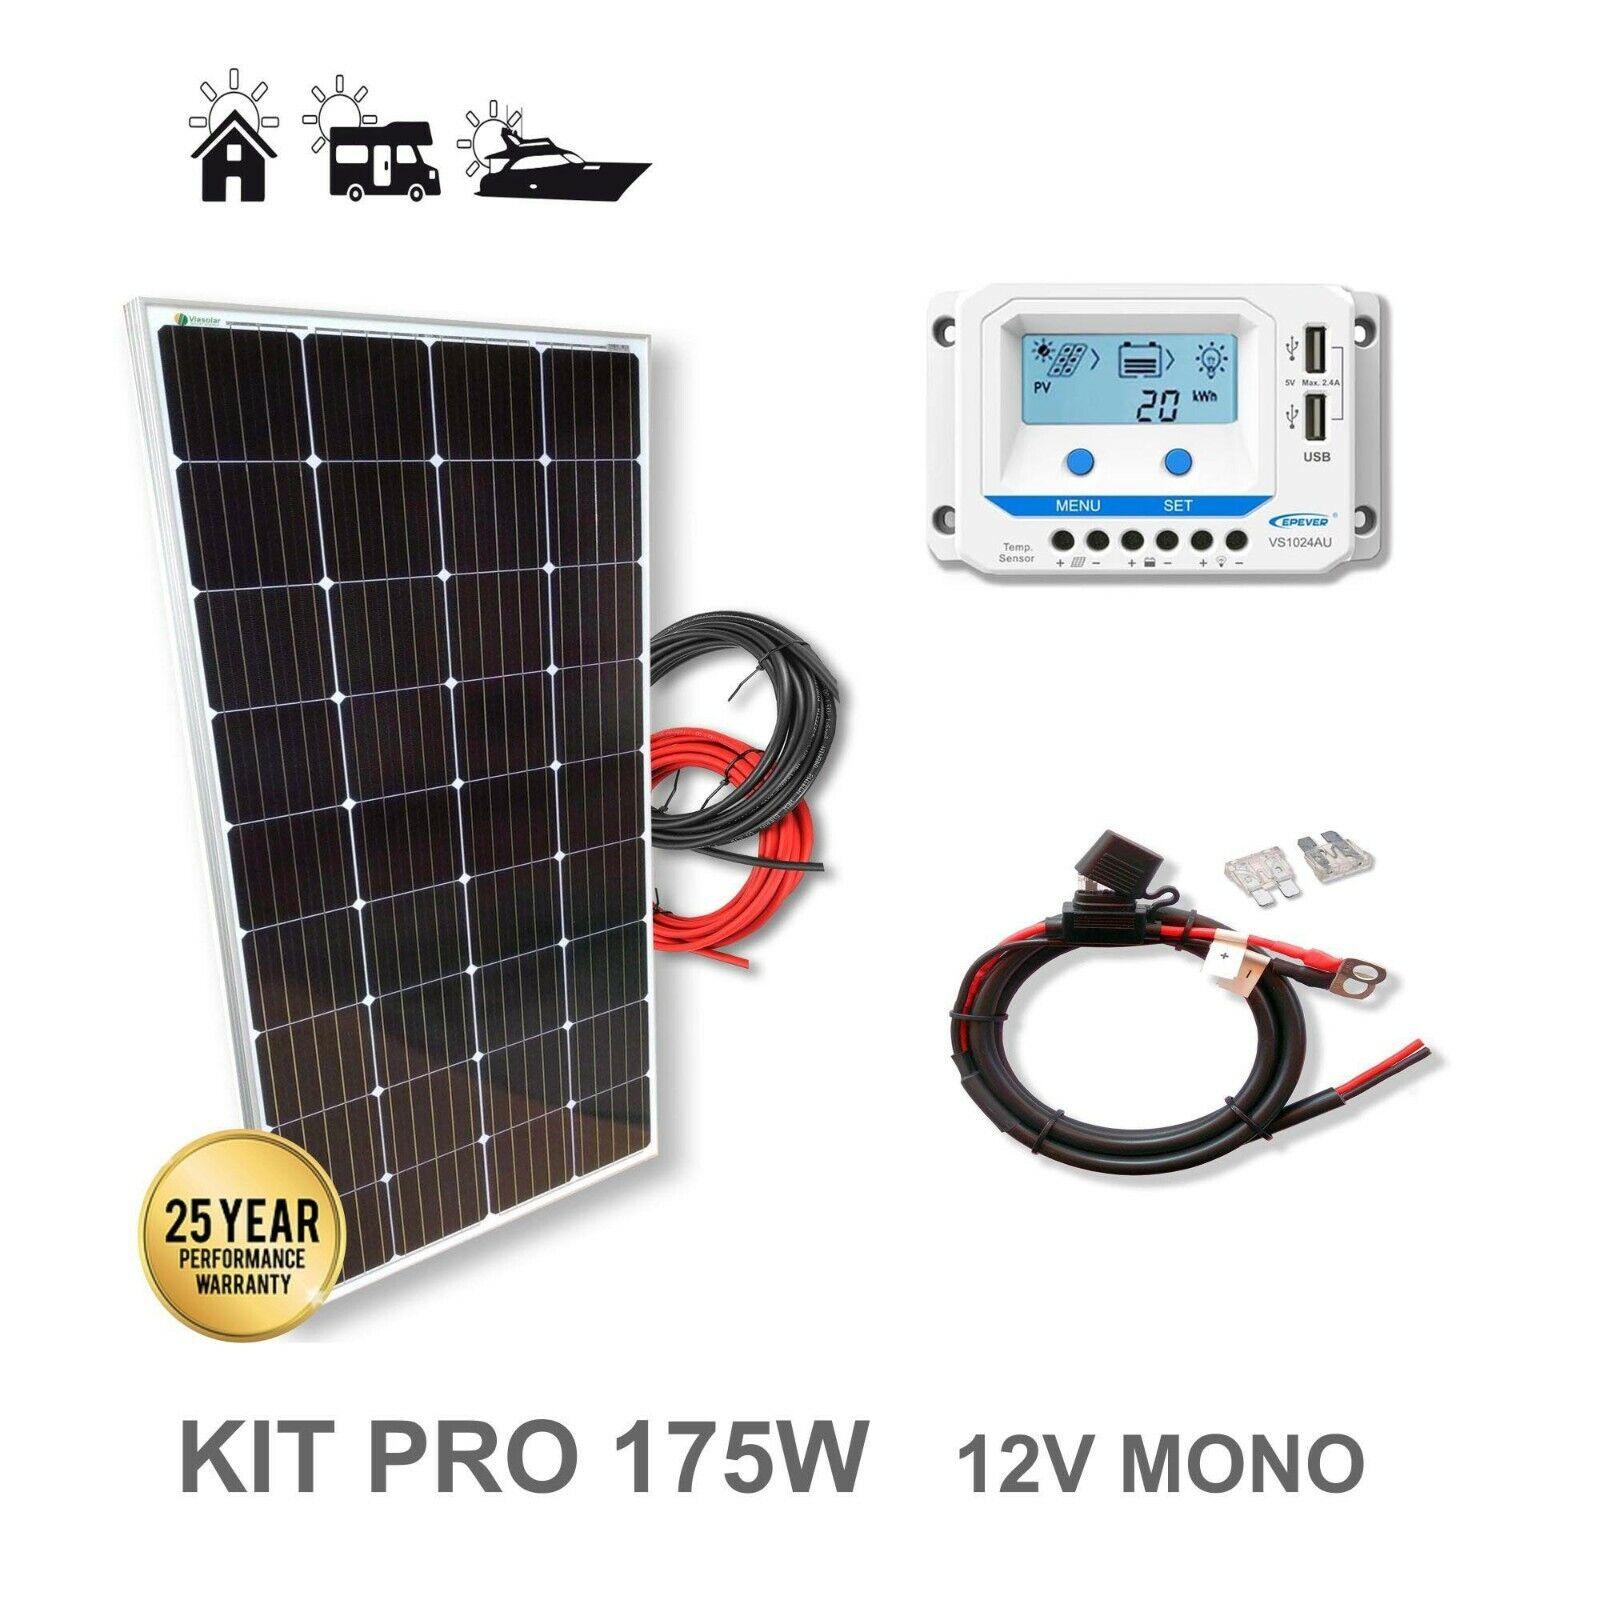 Kit 175W 12V panel solar Monocristalino. Daños en célula. Ver Imágenes.